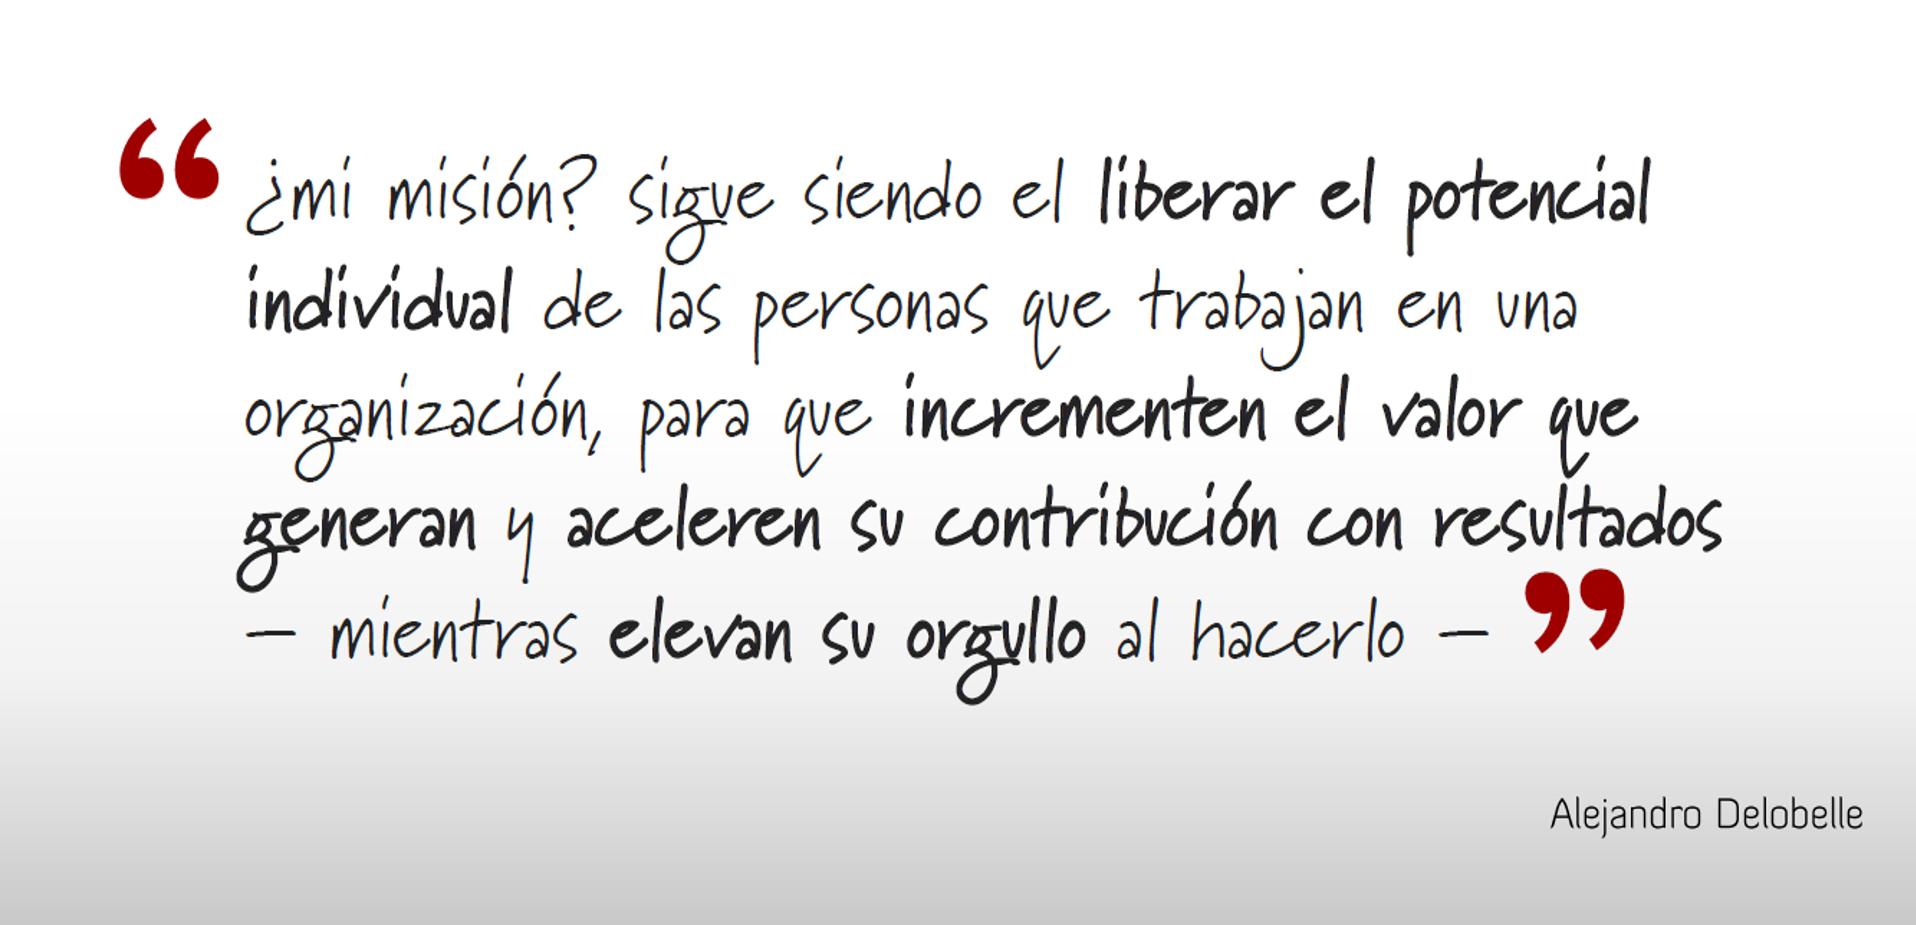 Alejandro Delobelle | Misión